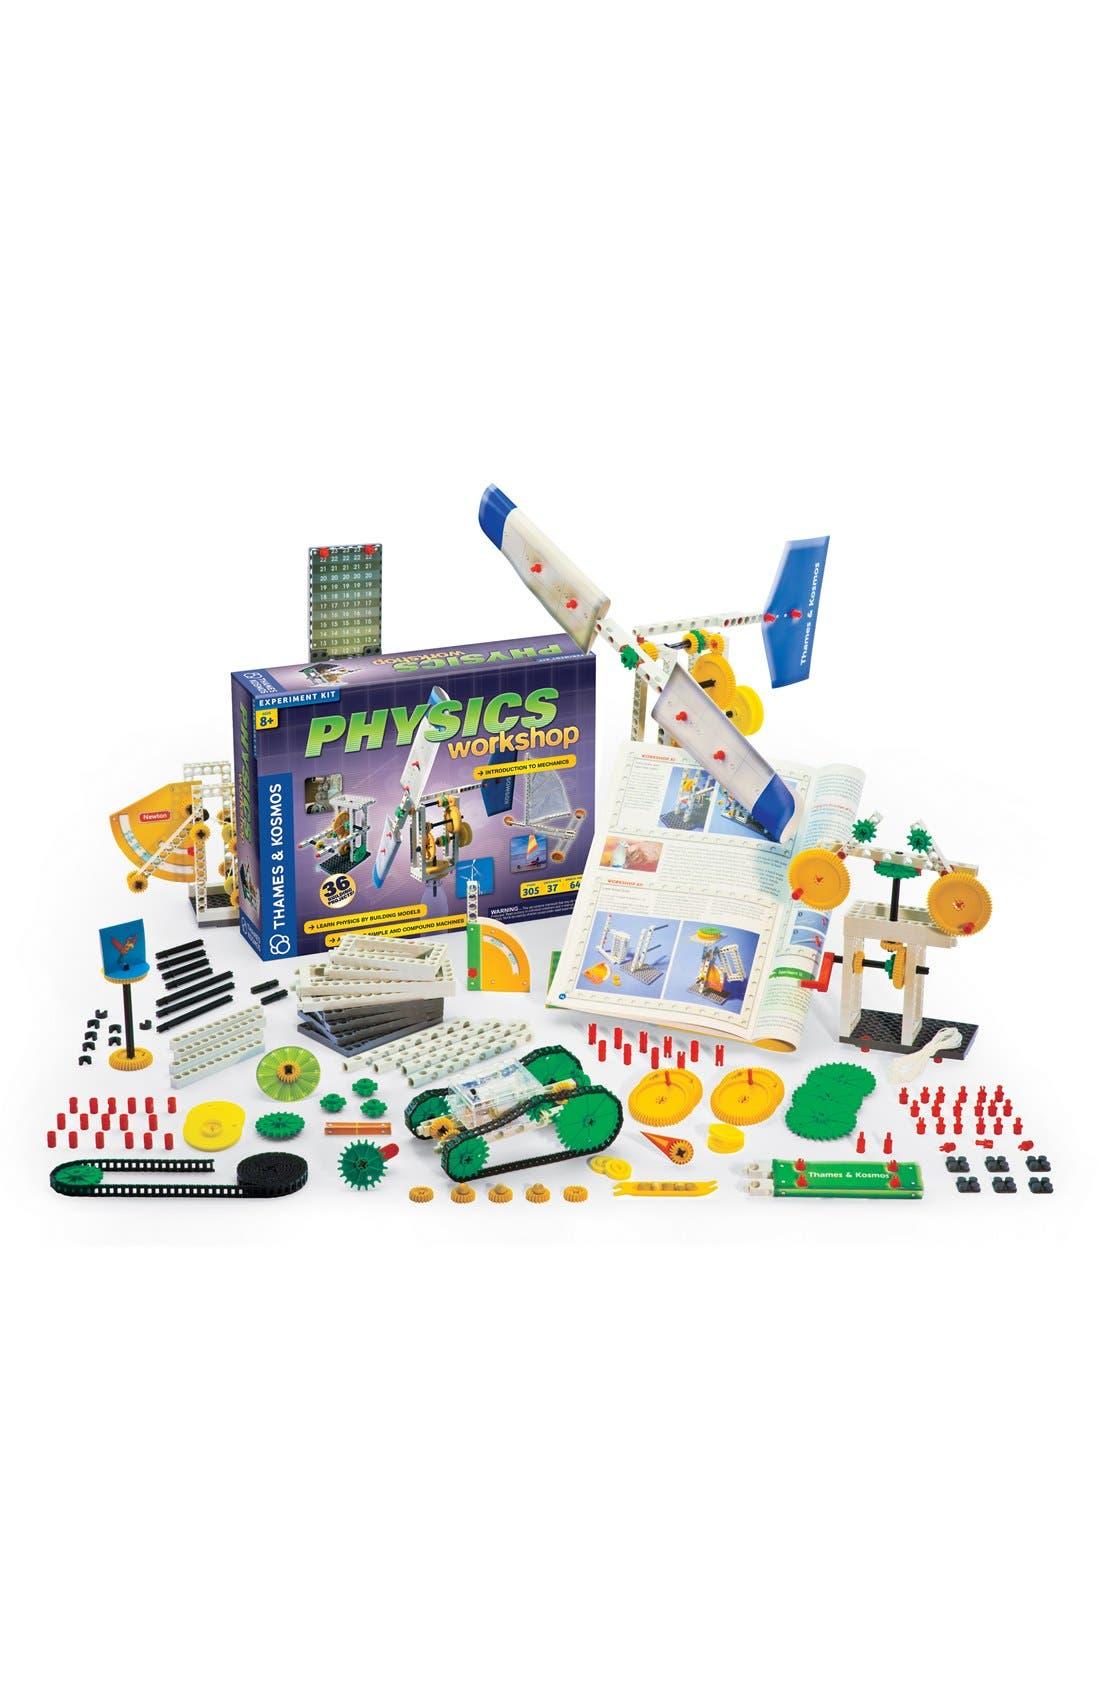 Thames & Kosmos 'Physics Workshop' Experiment Kit